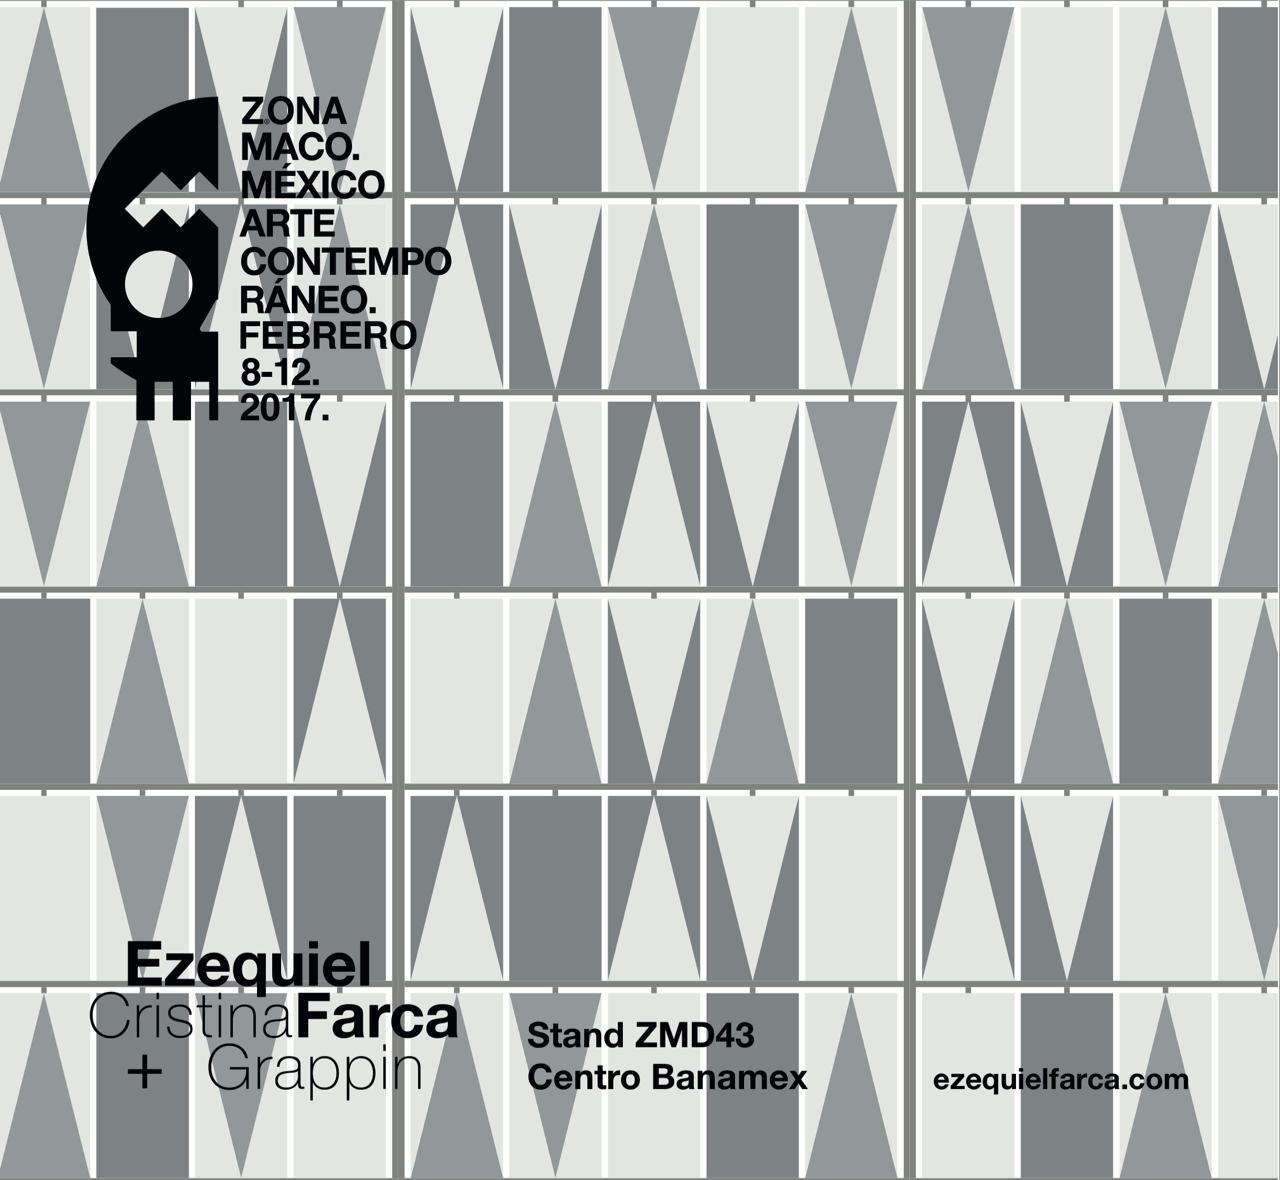 Propuesta de Ezequiel Farca® + Cristina Grappin® en Zona MACO Diseño 2017 : Fotografía © Ezequiel Farca® + Cristina Grappin®